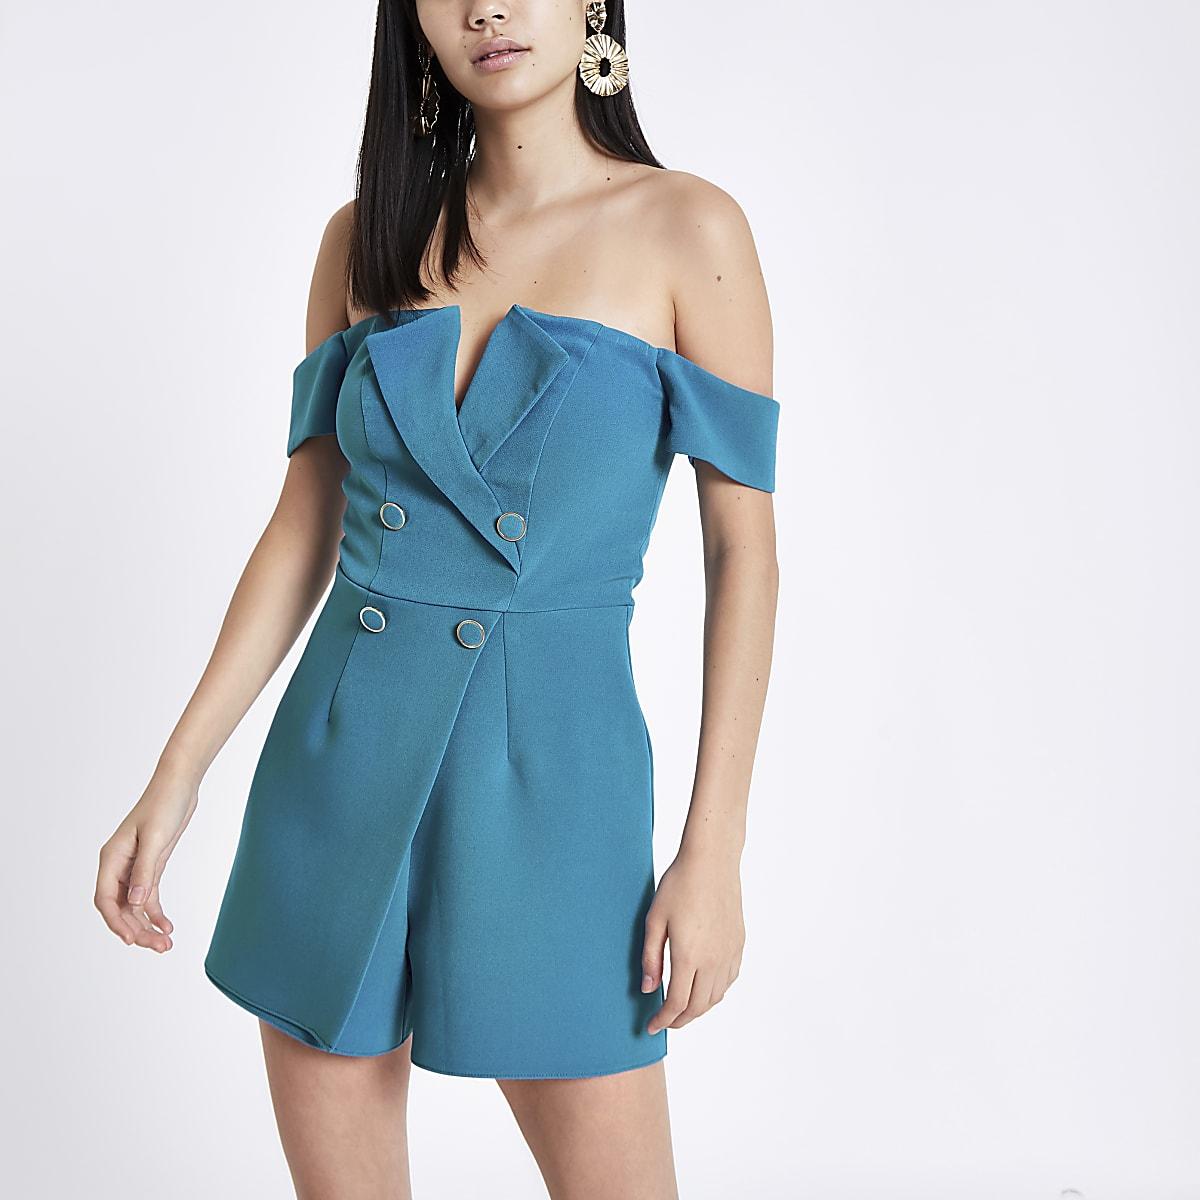 Felblauwe smokingplaysuit met bardothalslijn